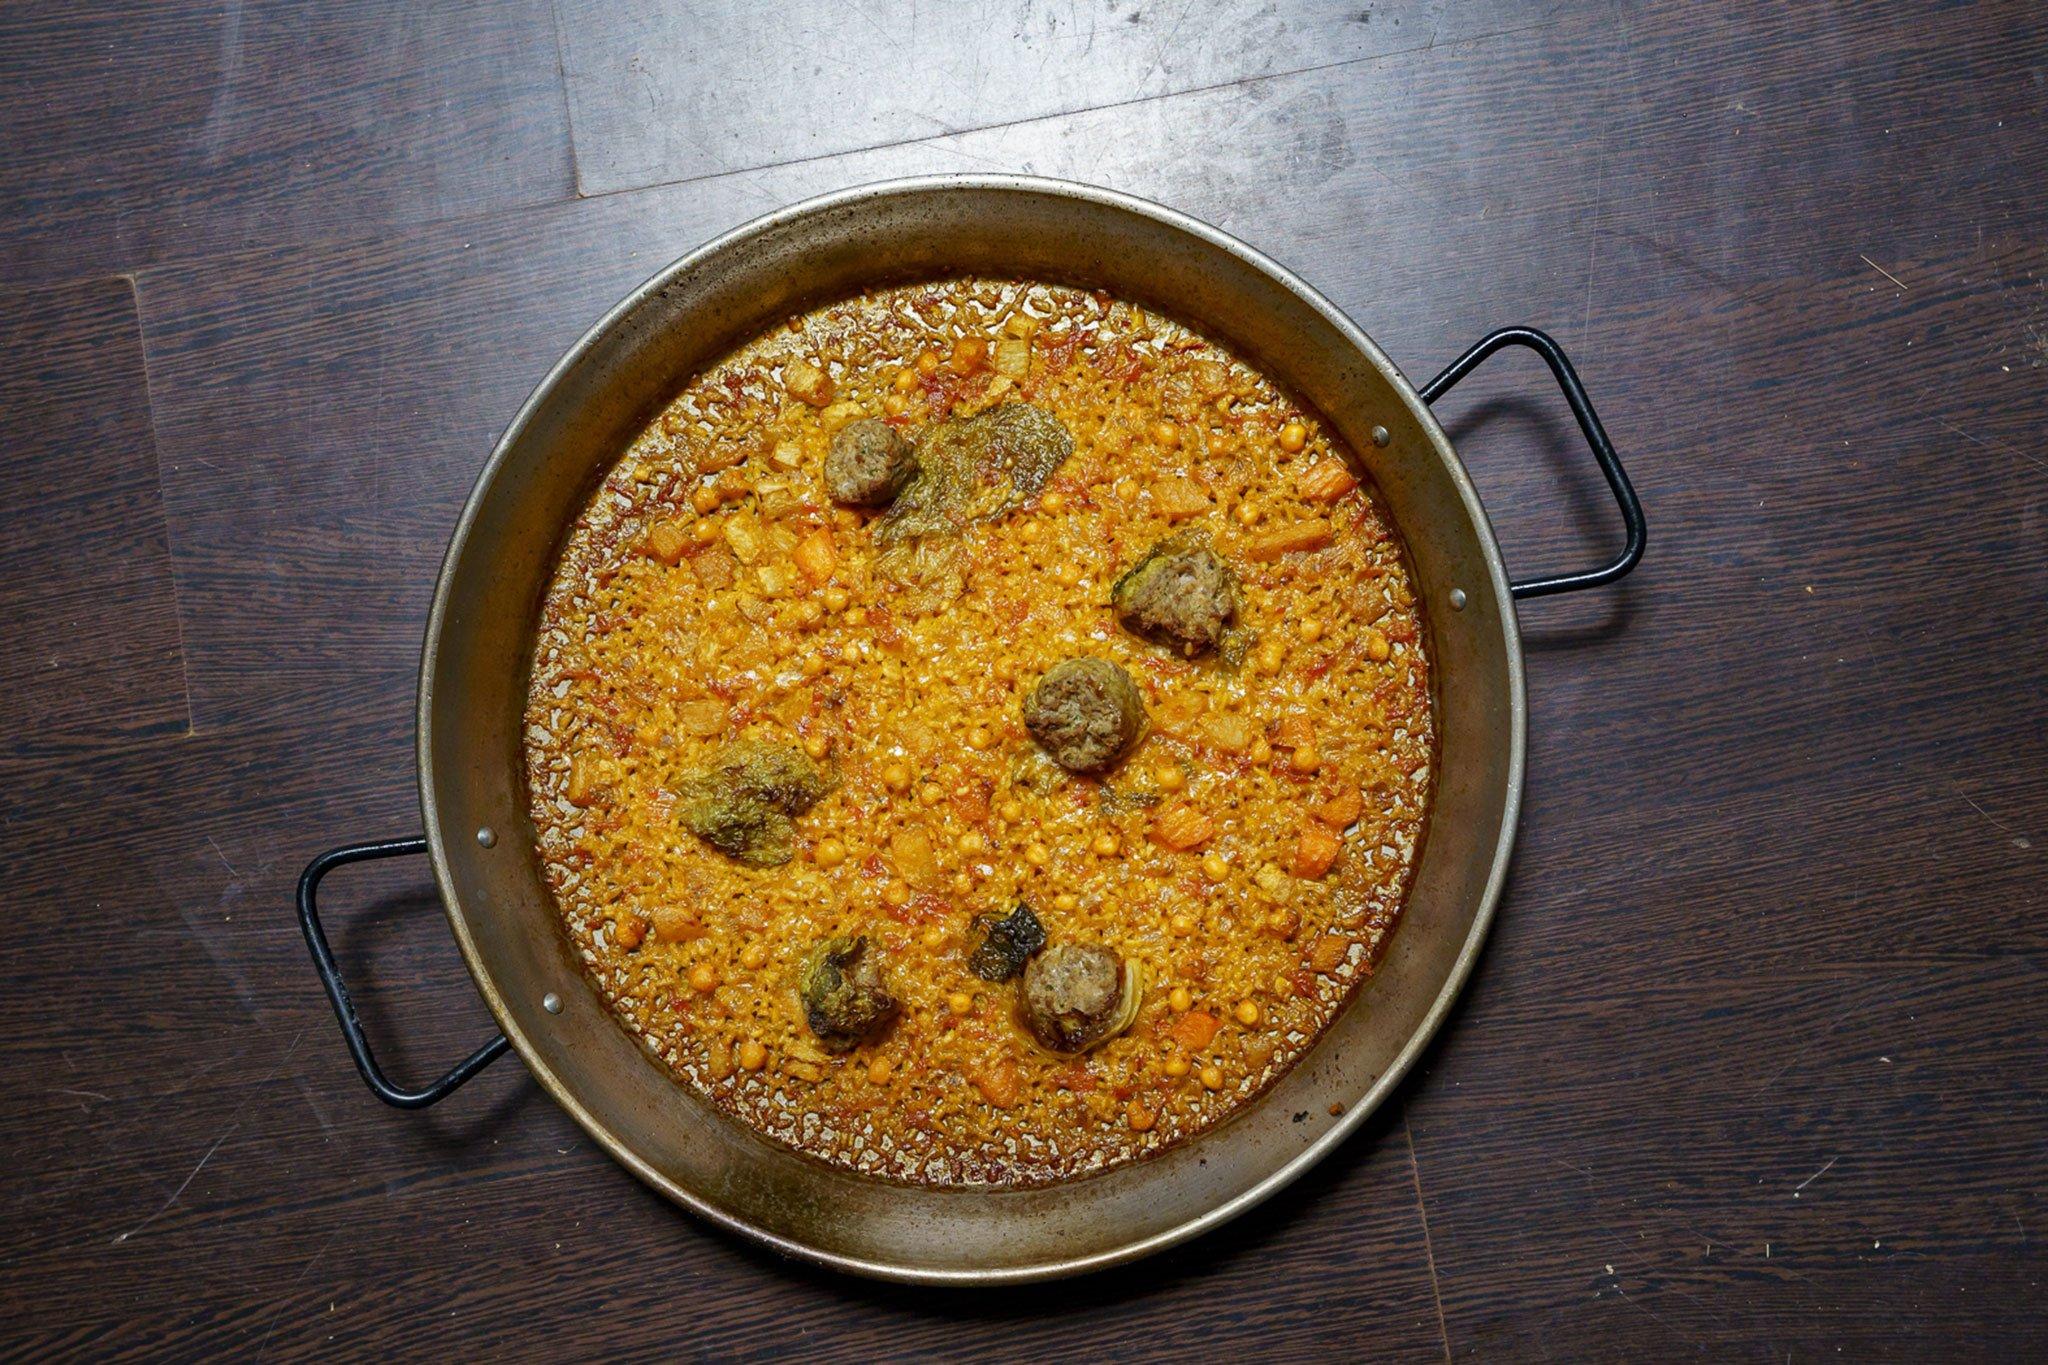 Rice with pot balls - Nyascoca.com